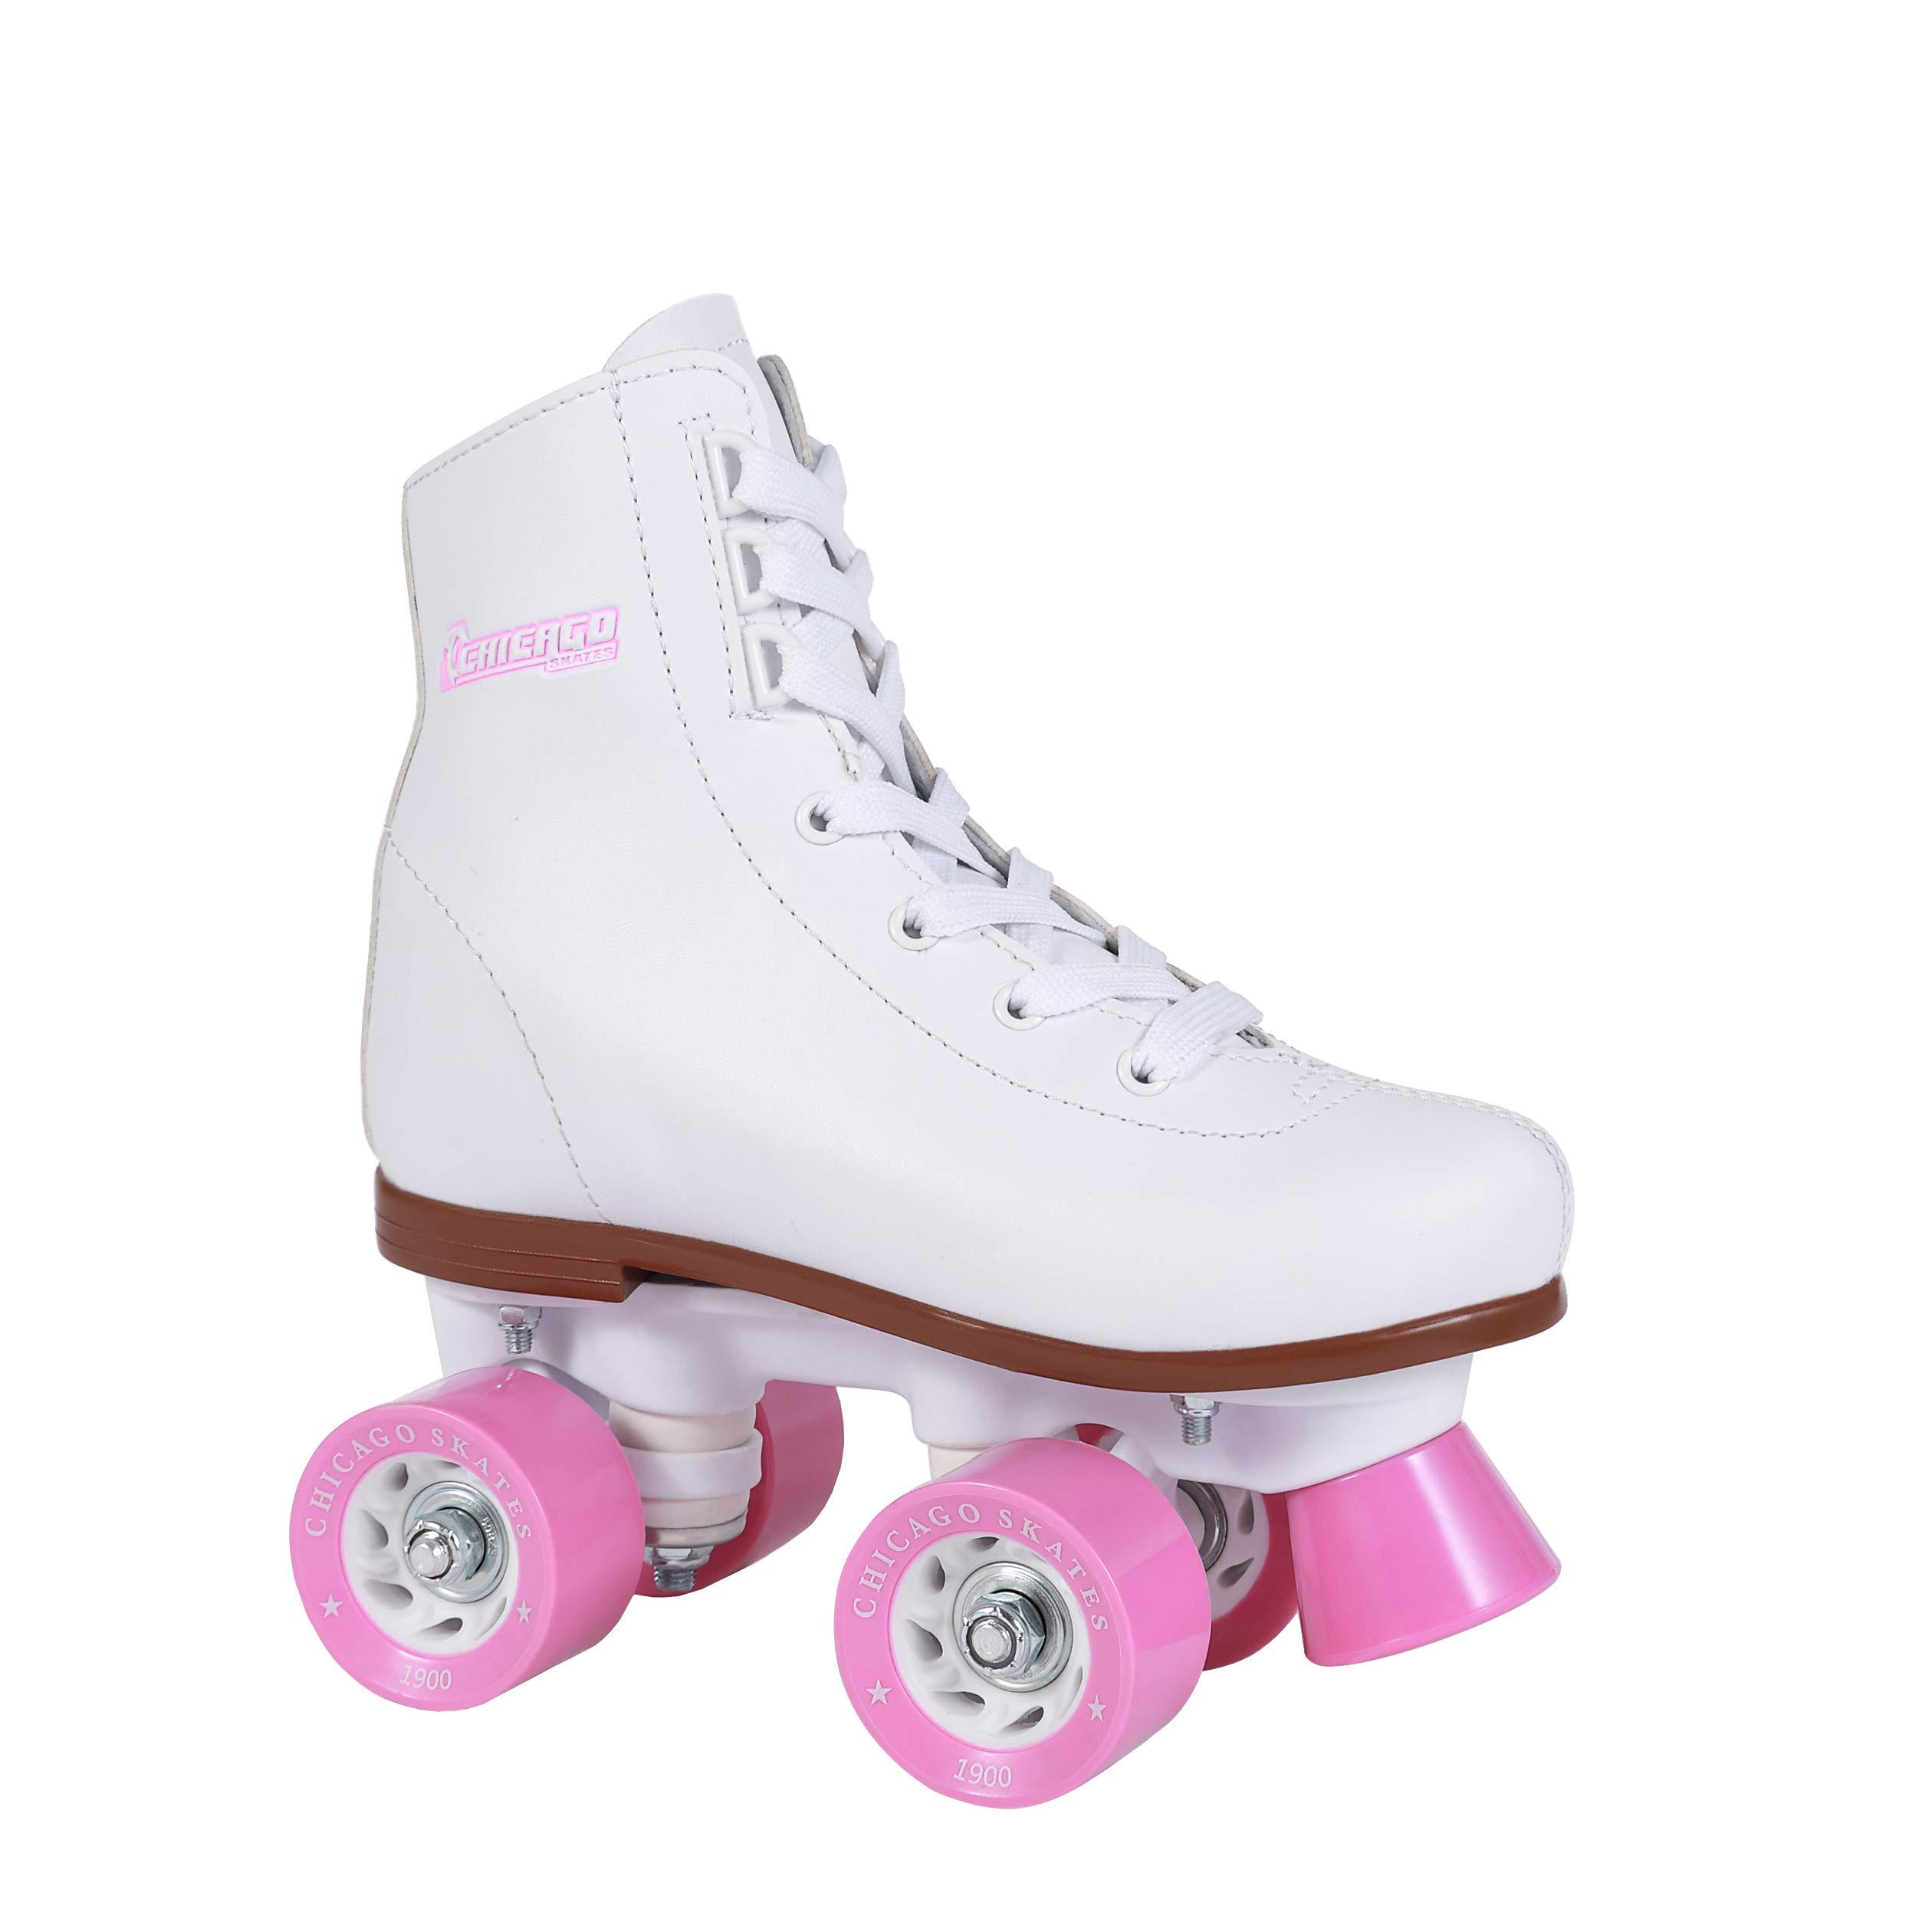 Chicago Girl's Classic Roller Skates – White Rink Skates - Size J11